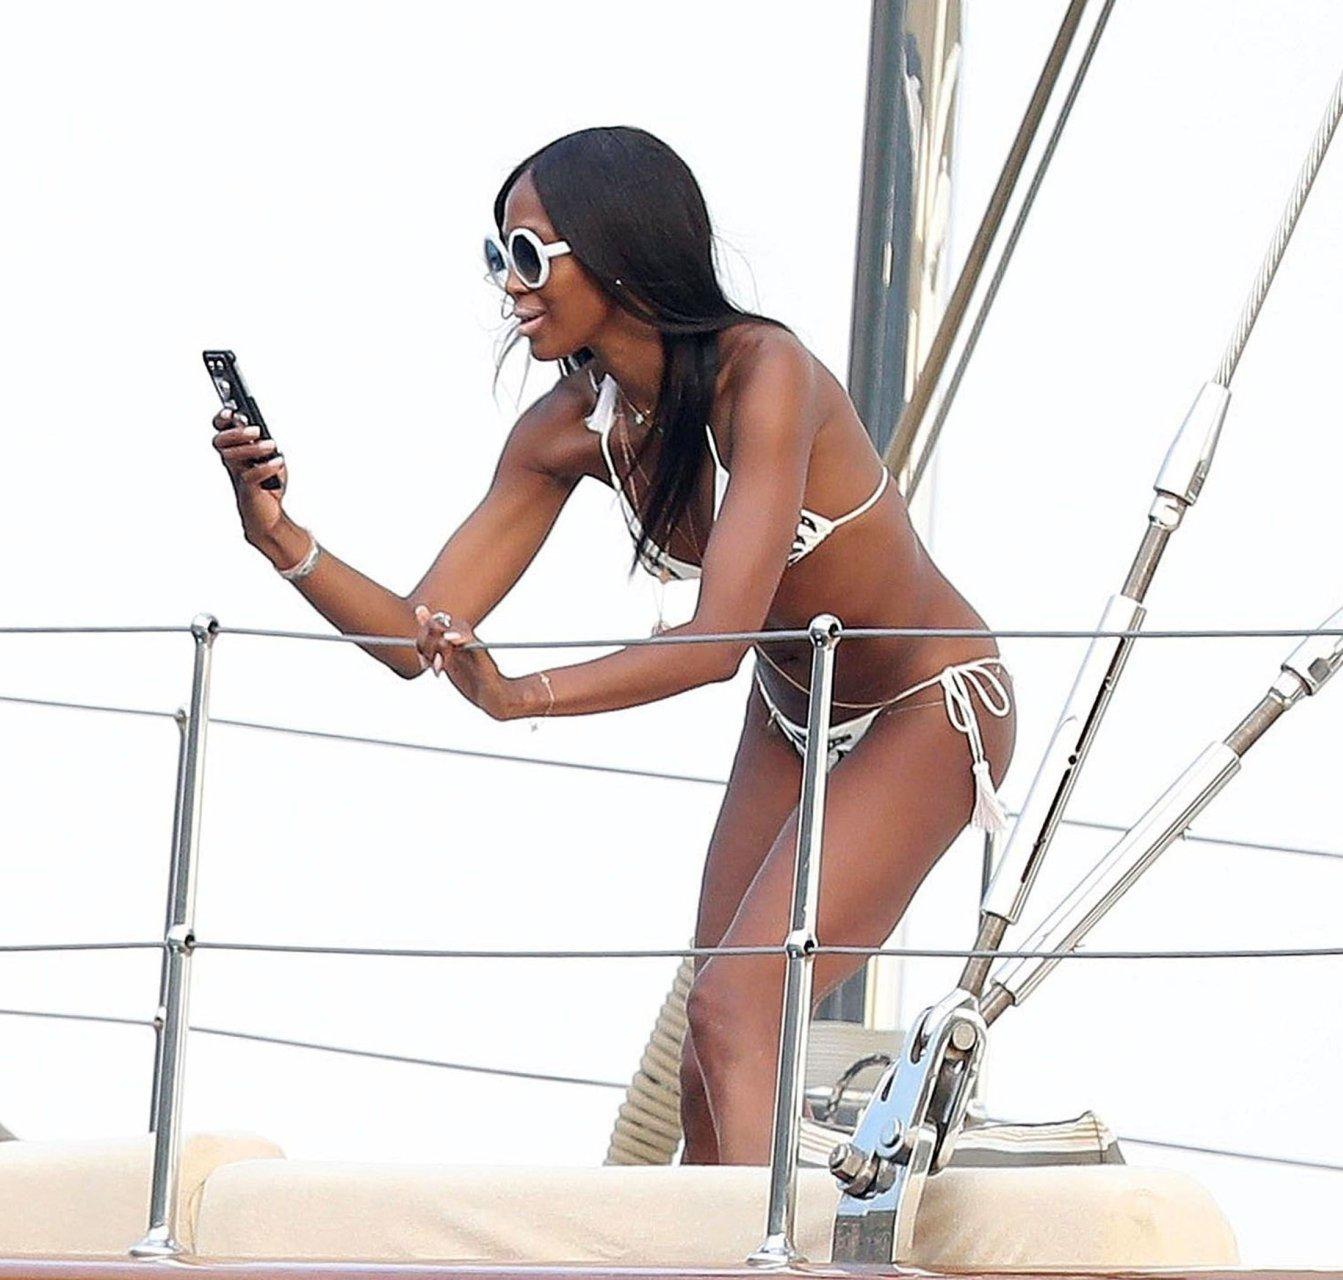 Chiara Scelsi Topless. 2018-2019 celebrityes photos leaks! naked (68 photos), Paparazzi Celebrites foto